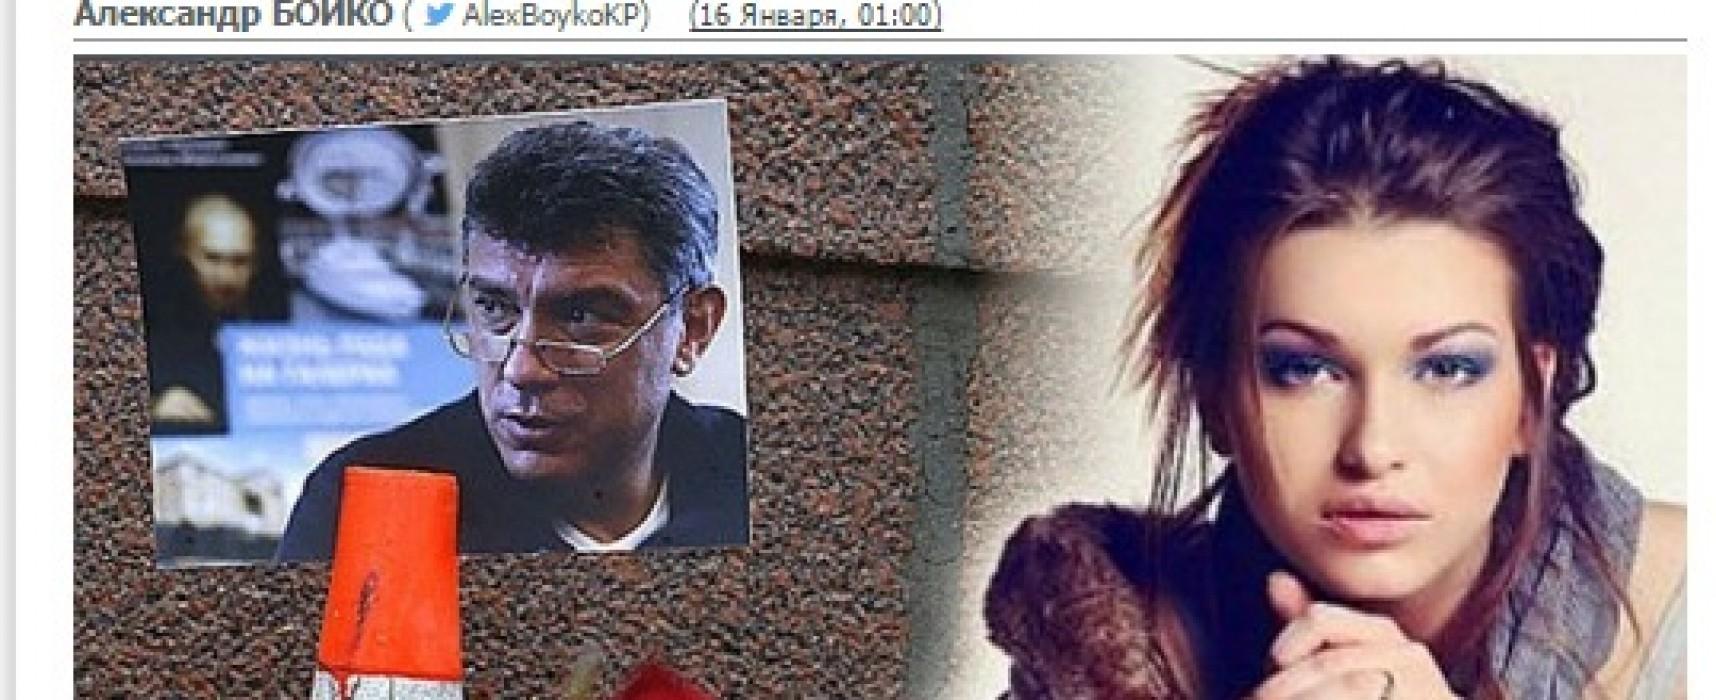 СБУ опровергает версию о причастности Украины к убийству Немцова